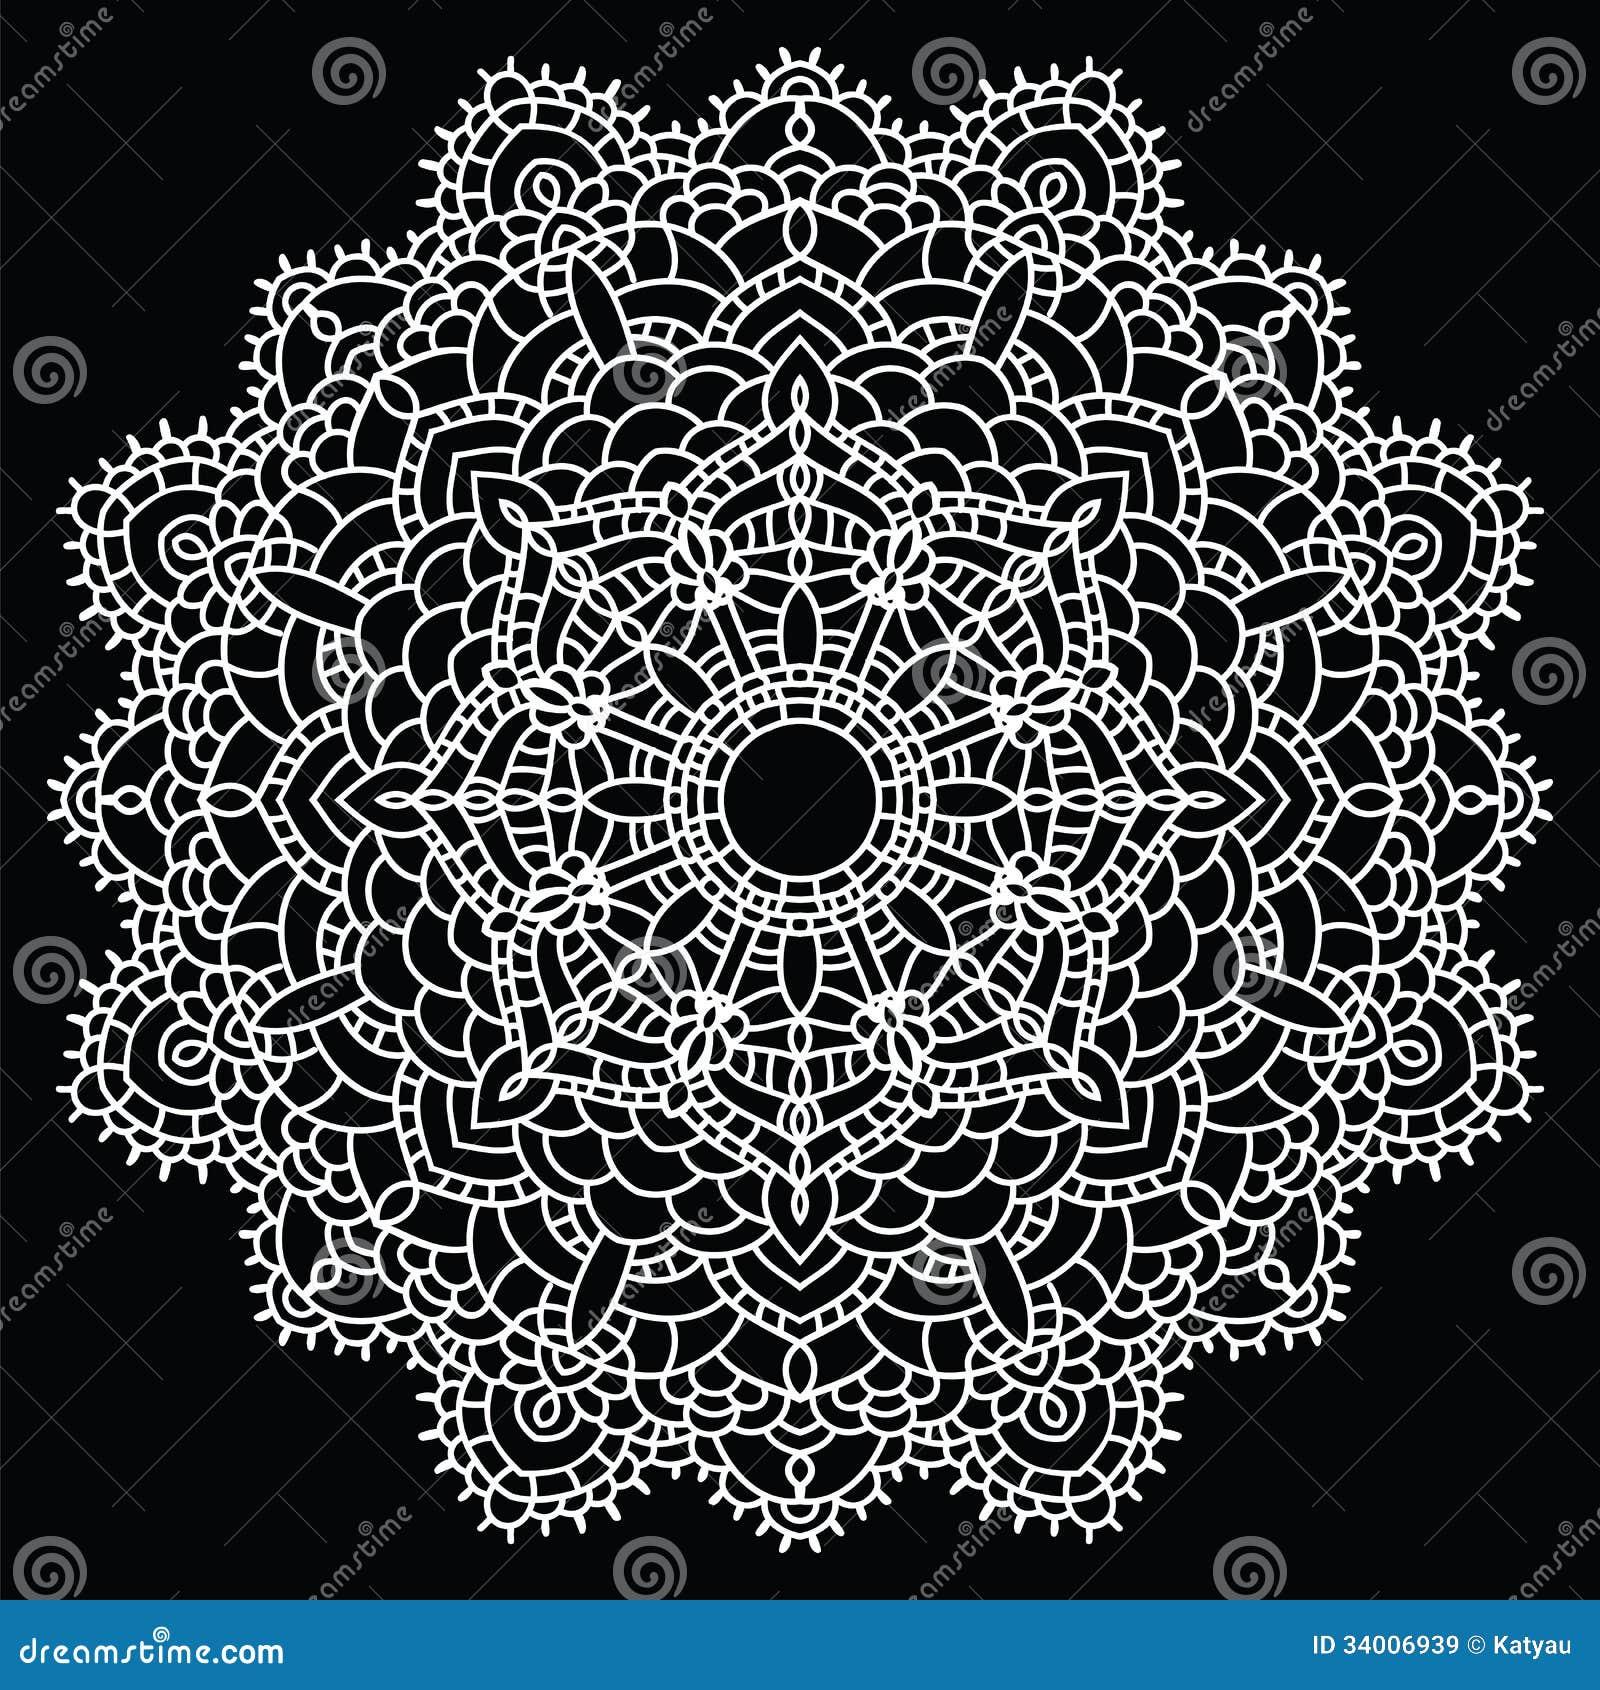 Crochet Lace Mandala Royalty Free Stock Images Image